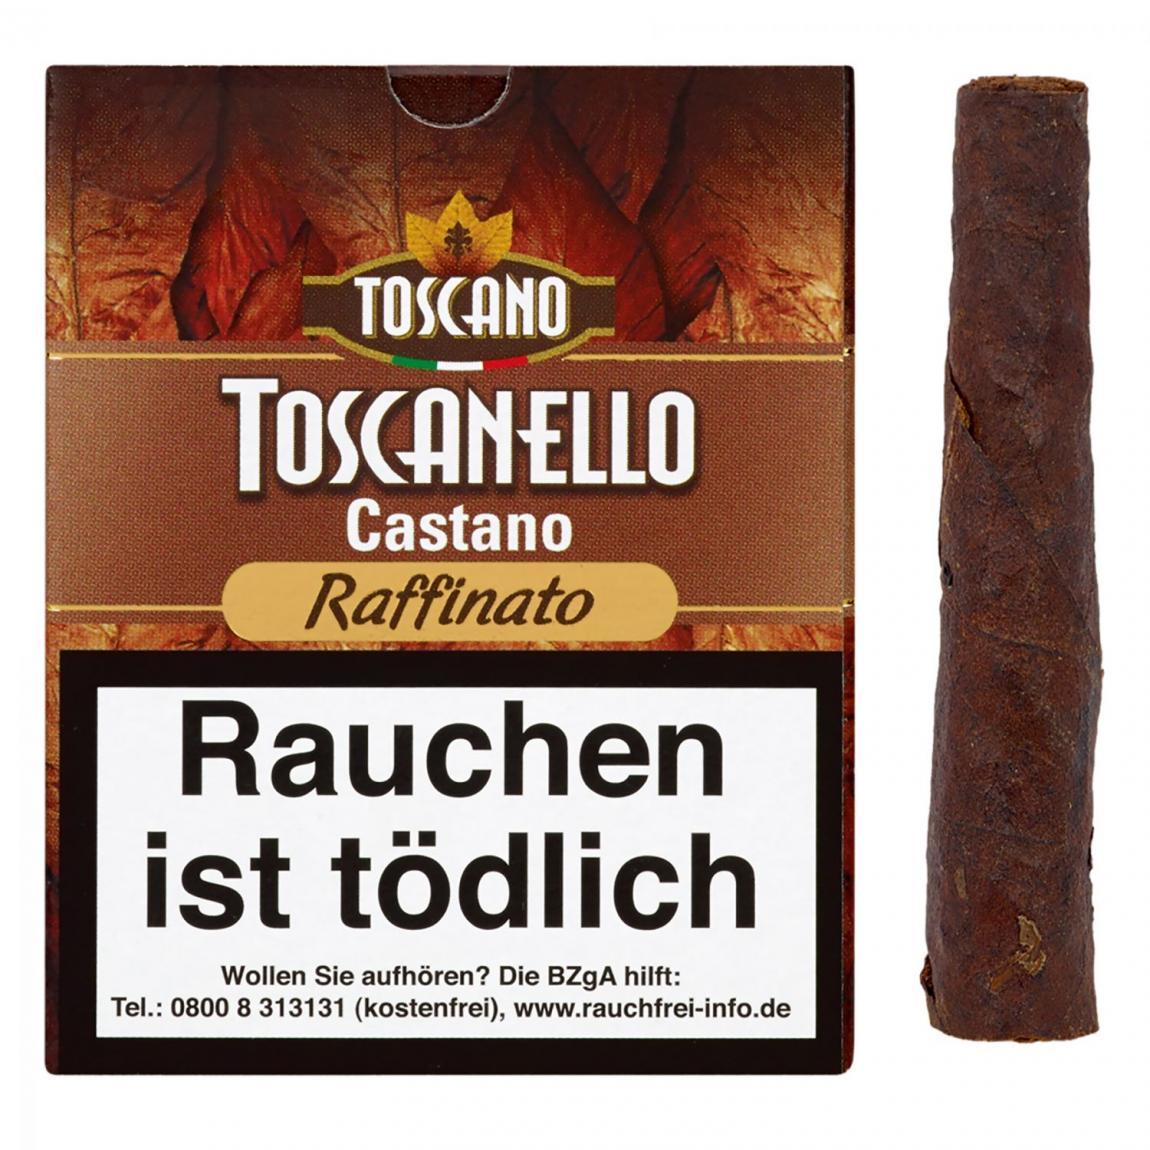 Toscano Toscanello »Castano Raffinato« 5er Schachtel